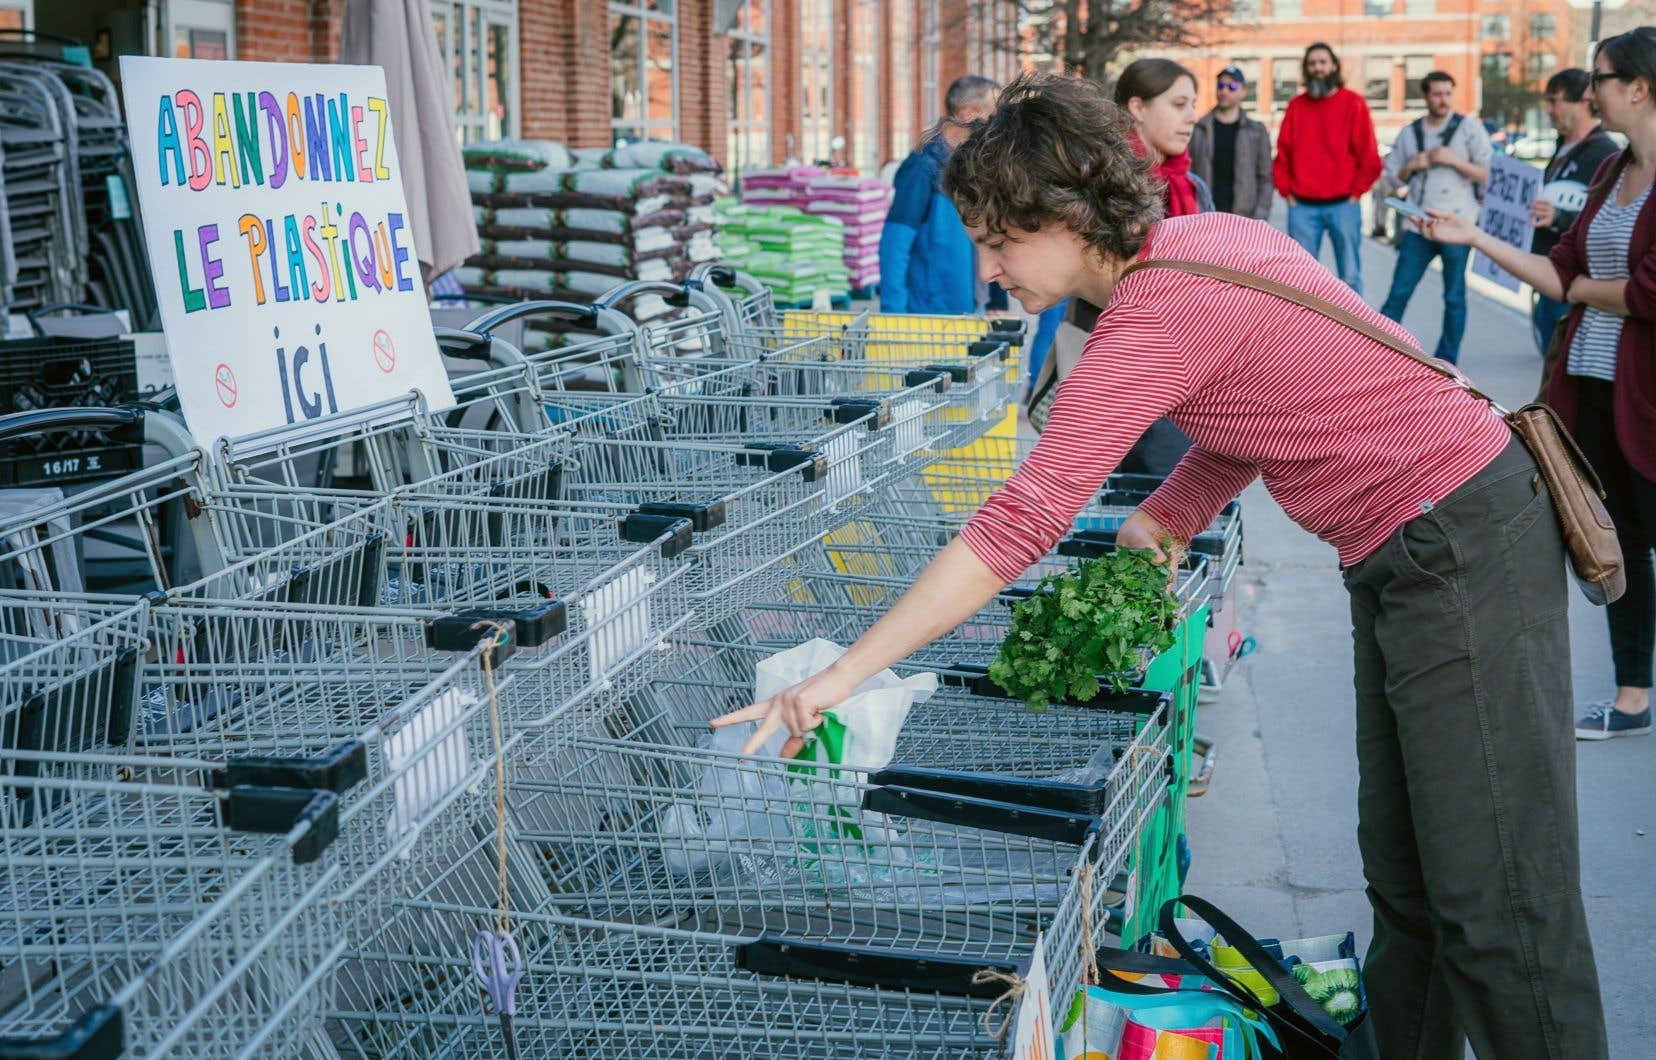 Le mois dernier, près de 200 citoyens avaient participé à une première attaque au plastique, organisée à Montréal.